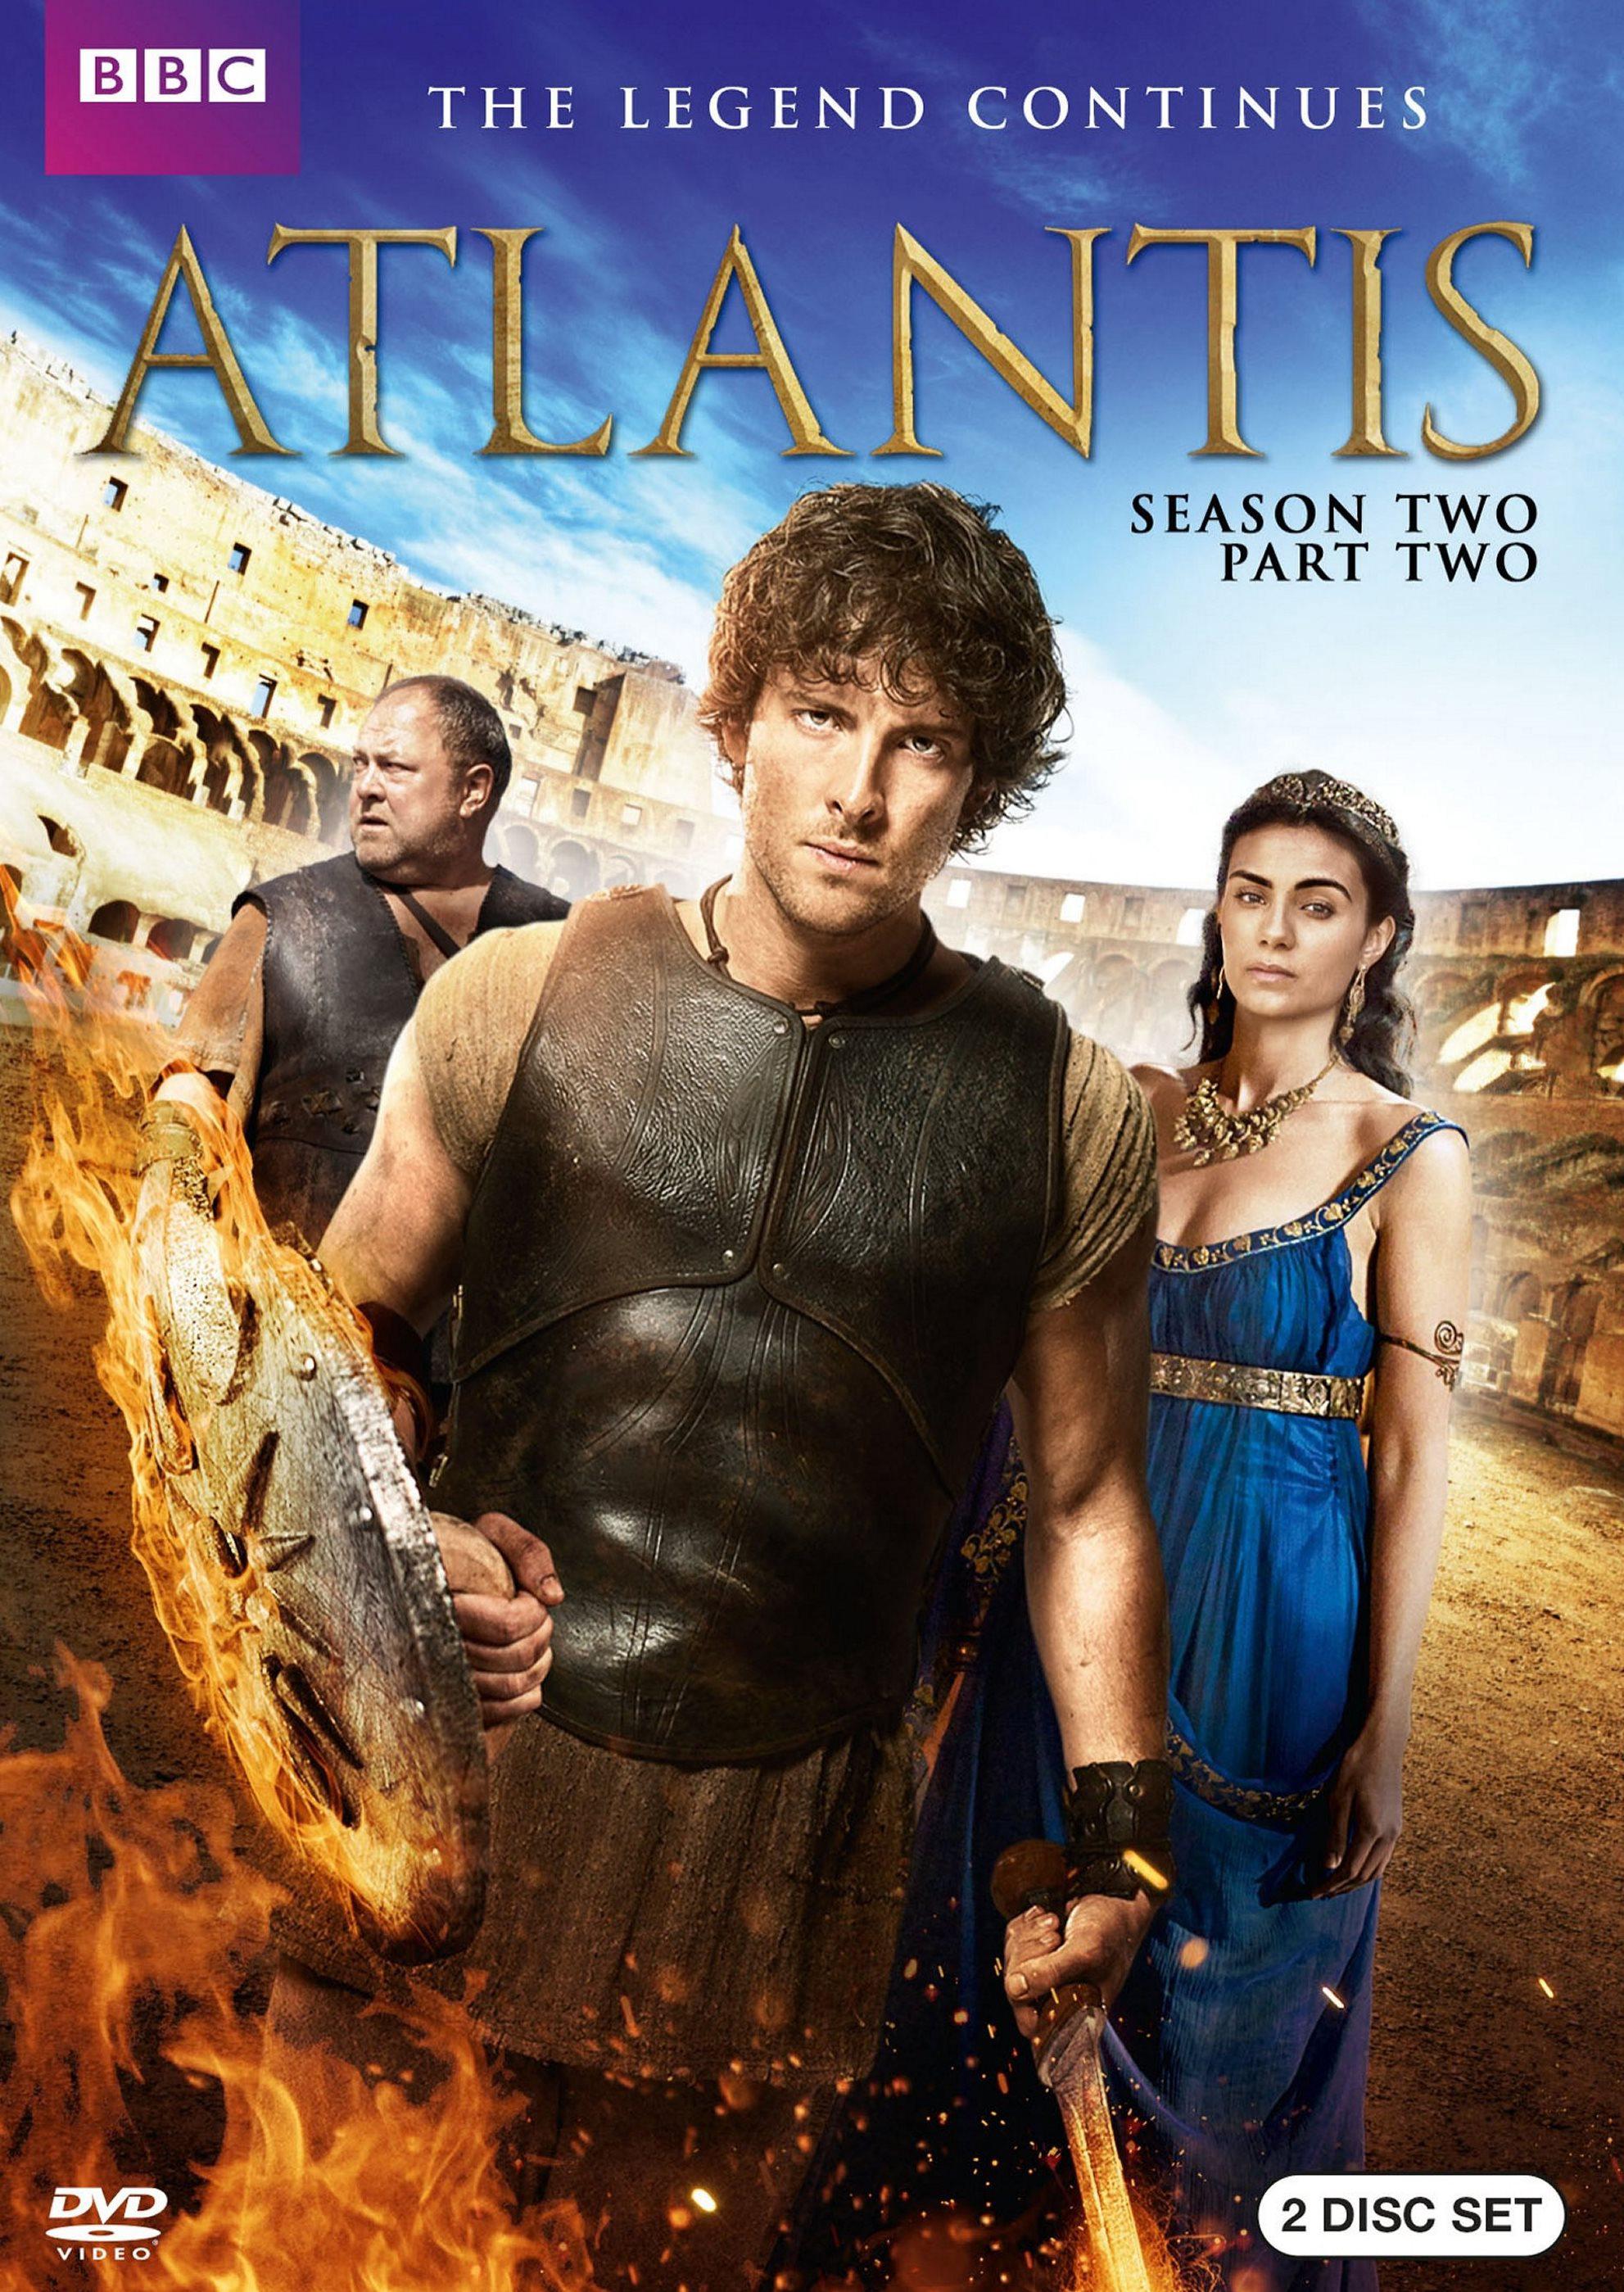 Atlantis: Season Two, Part Two [2 Discs] (dvd) 4260400